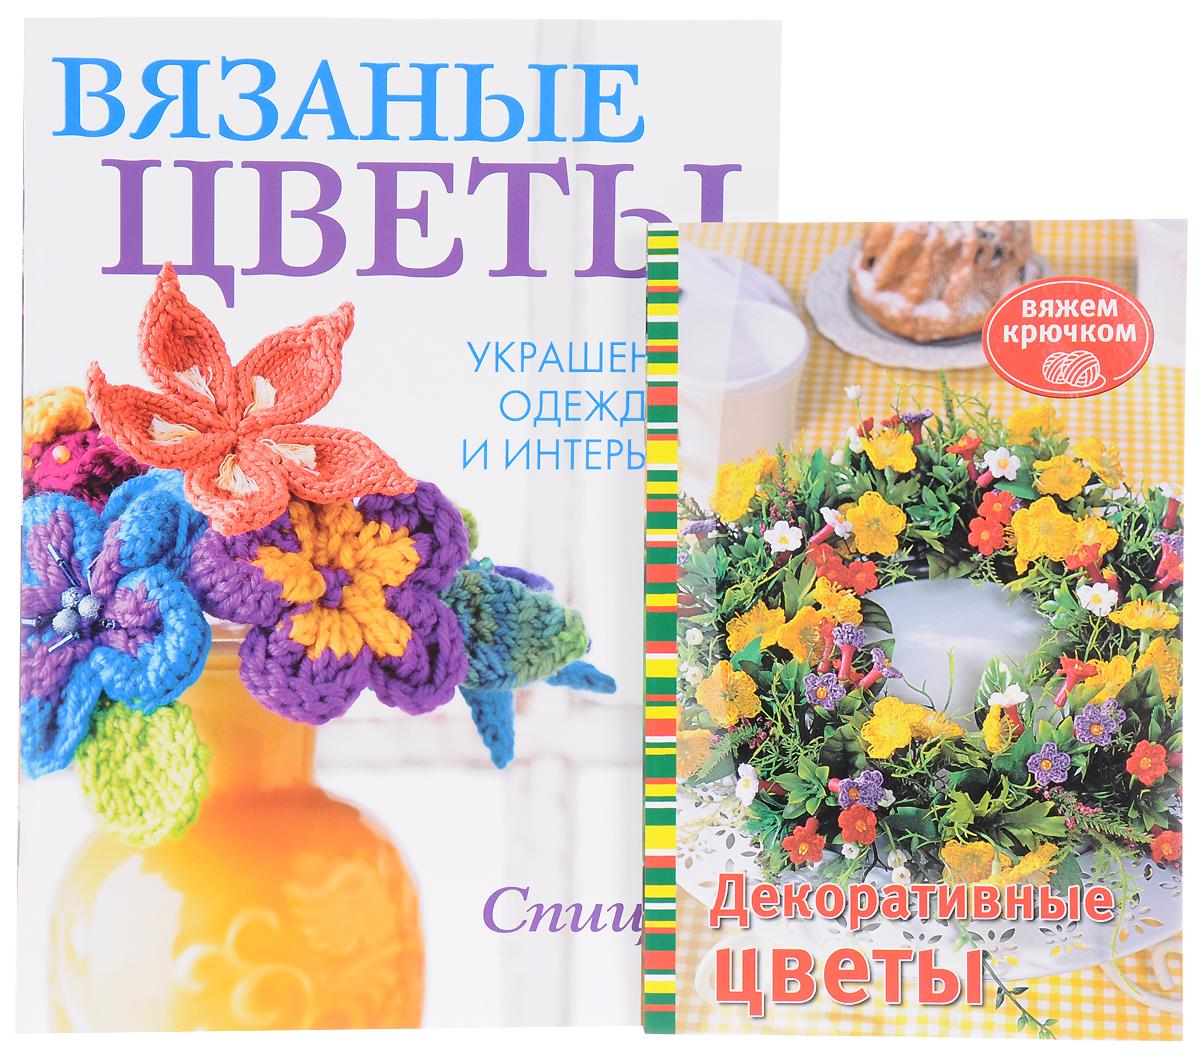 Вязаные цветы картинки 7